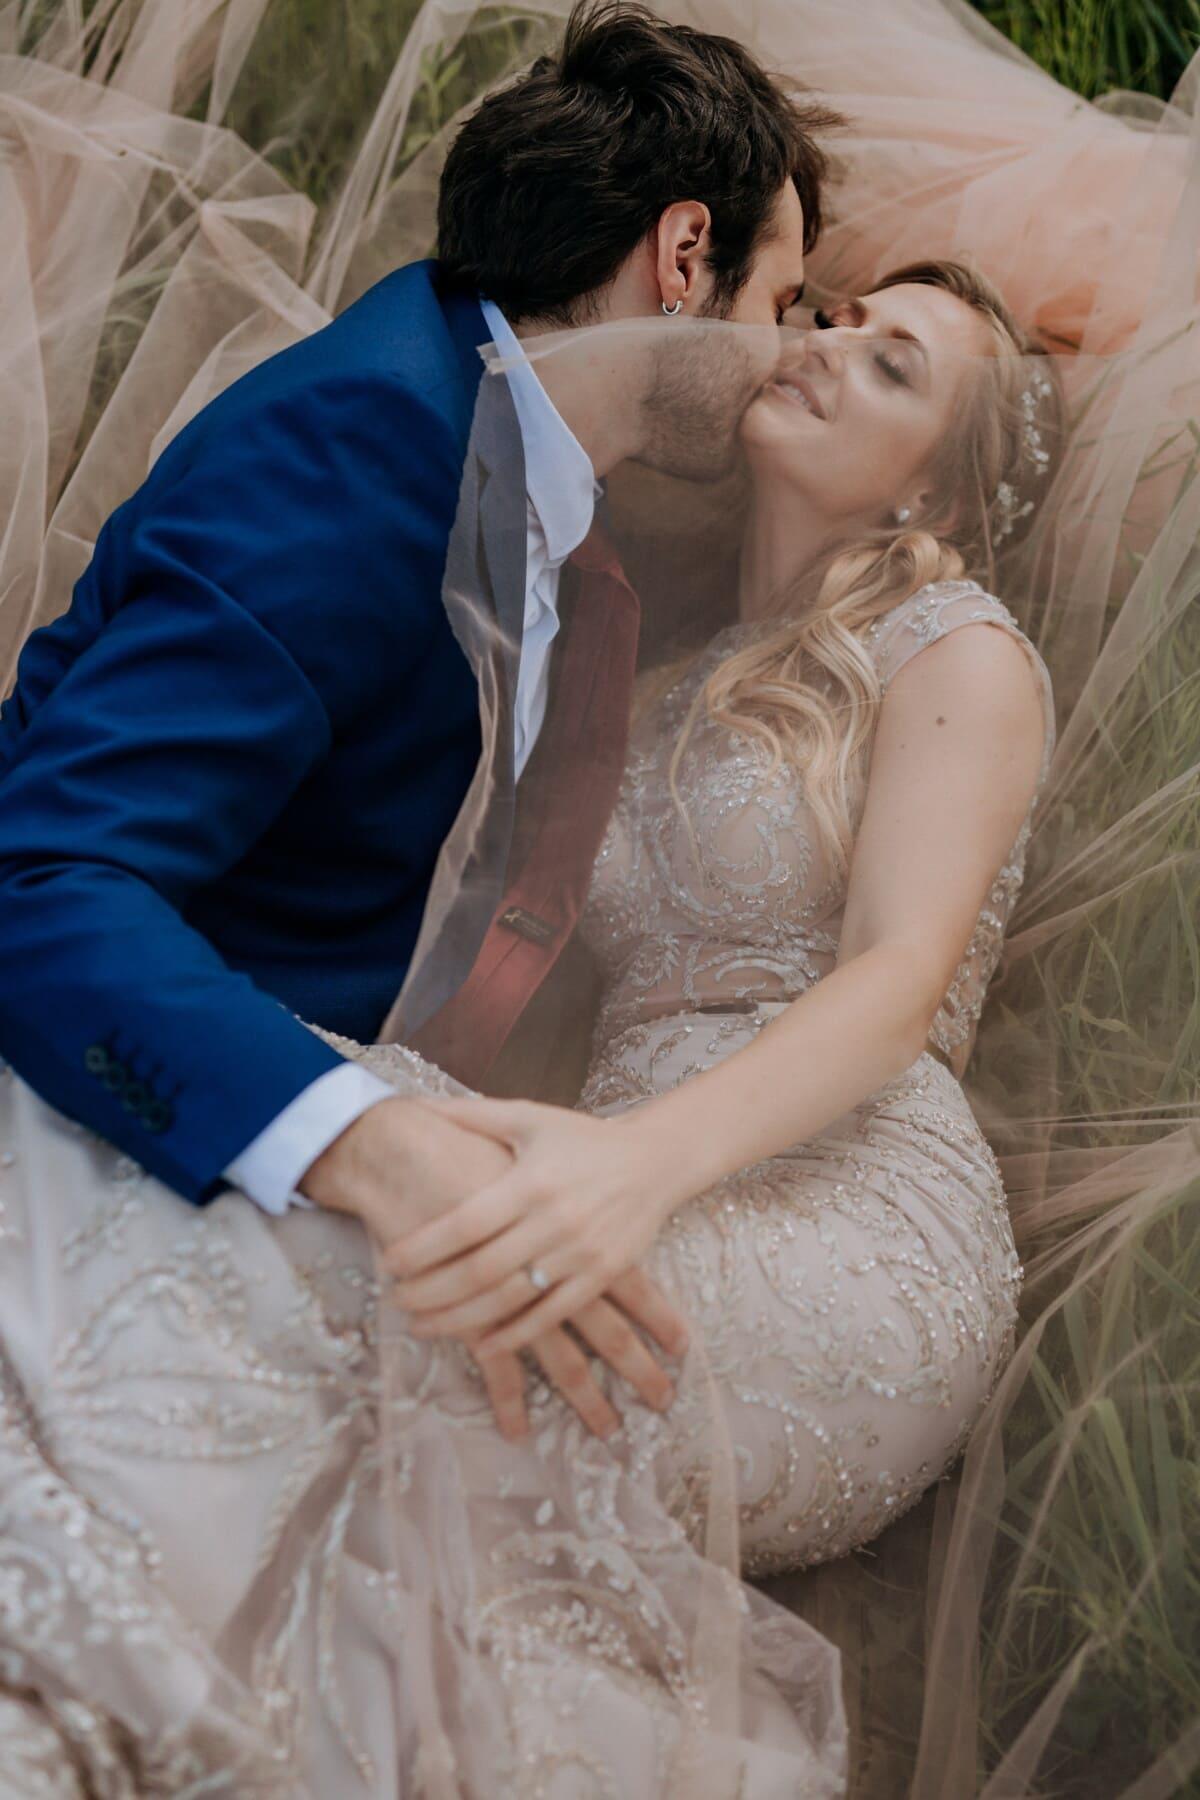 blonde, portant, amour, amant, herbe, date d'amour, la mariée, jeune marié, romance, engagement